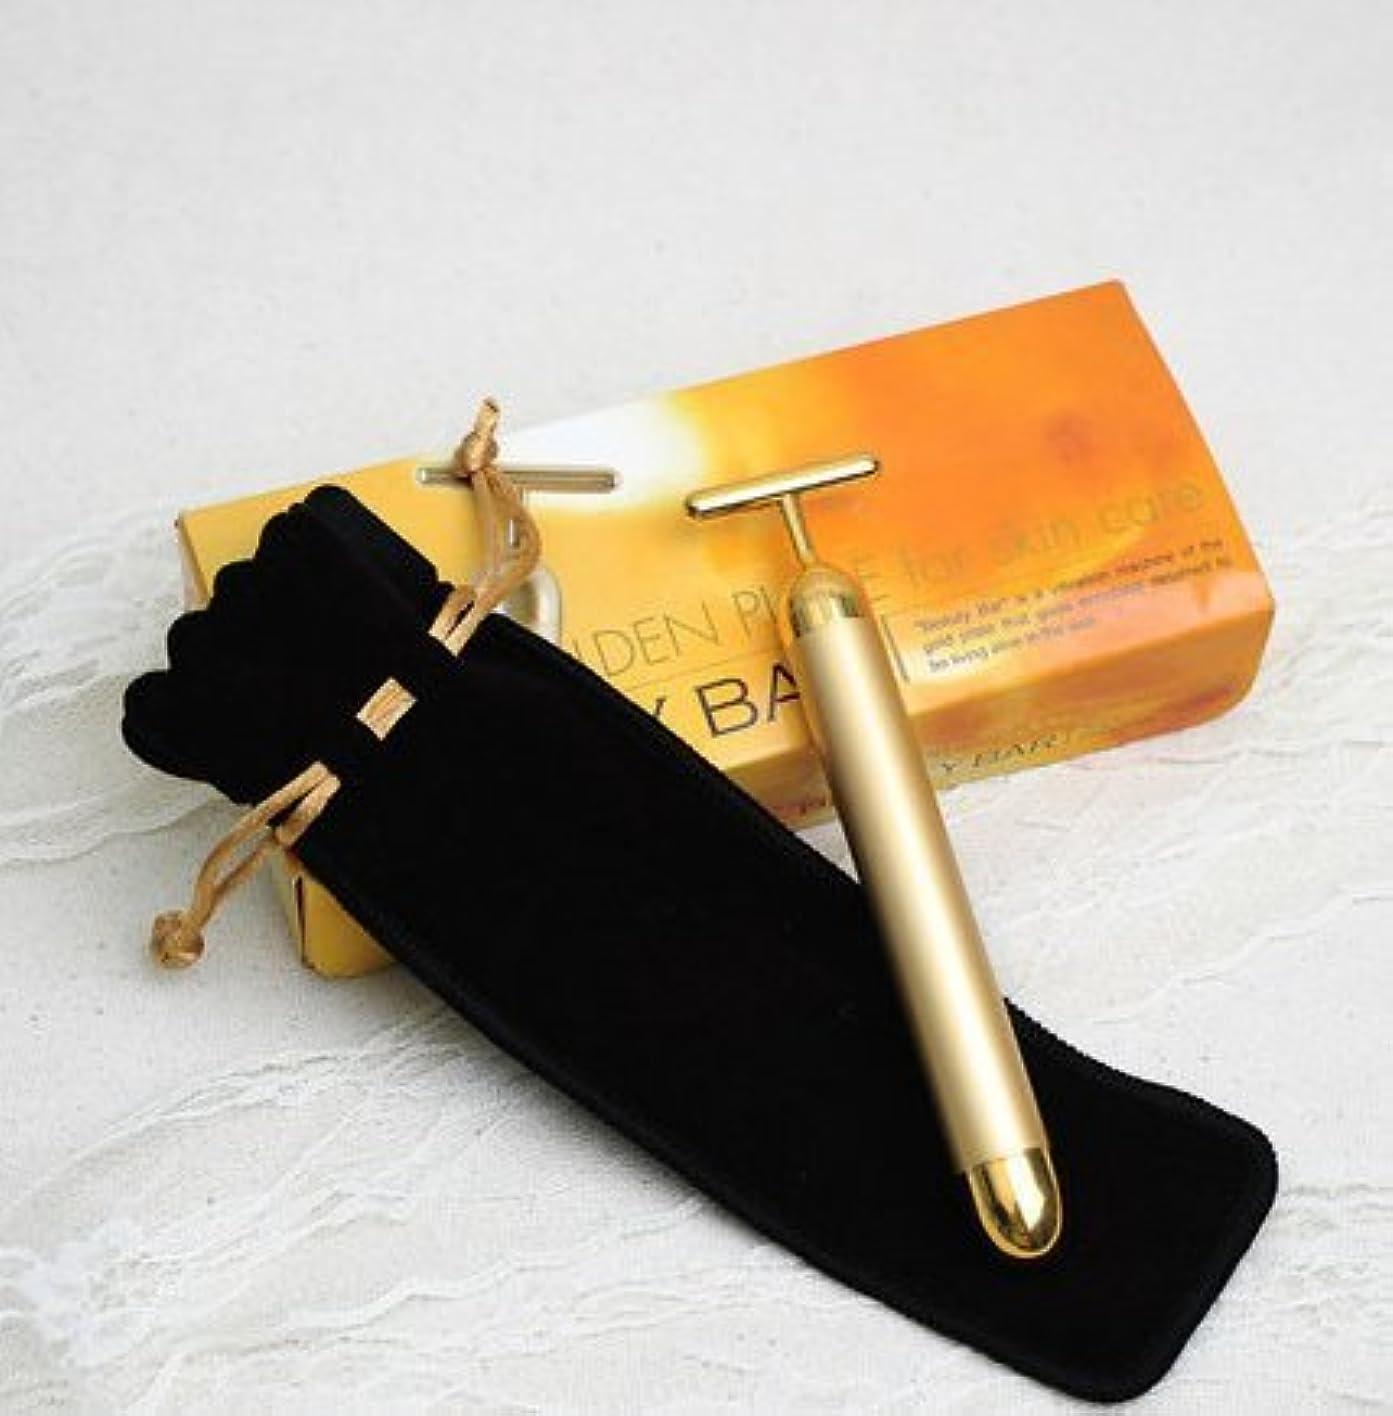 バズ睡眠忠実エムシービケン ビューティーバー Beauty Bar 24K 日本製 シリアルナンバー付 正規品+角質ケアサンプル5pc